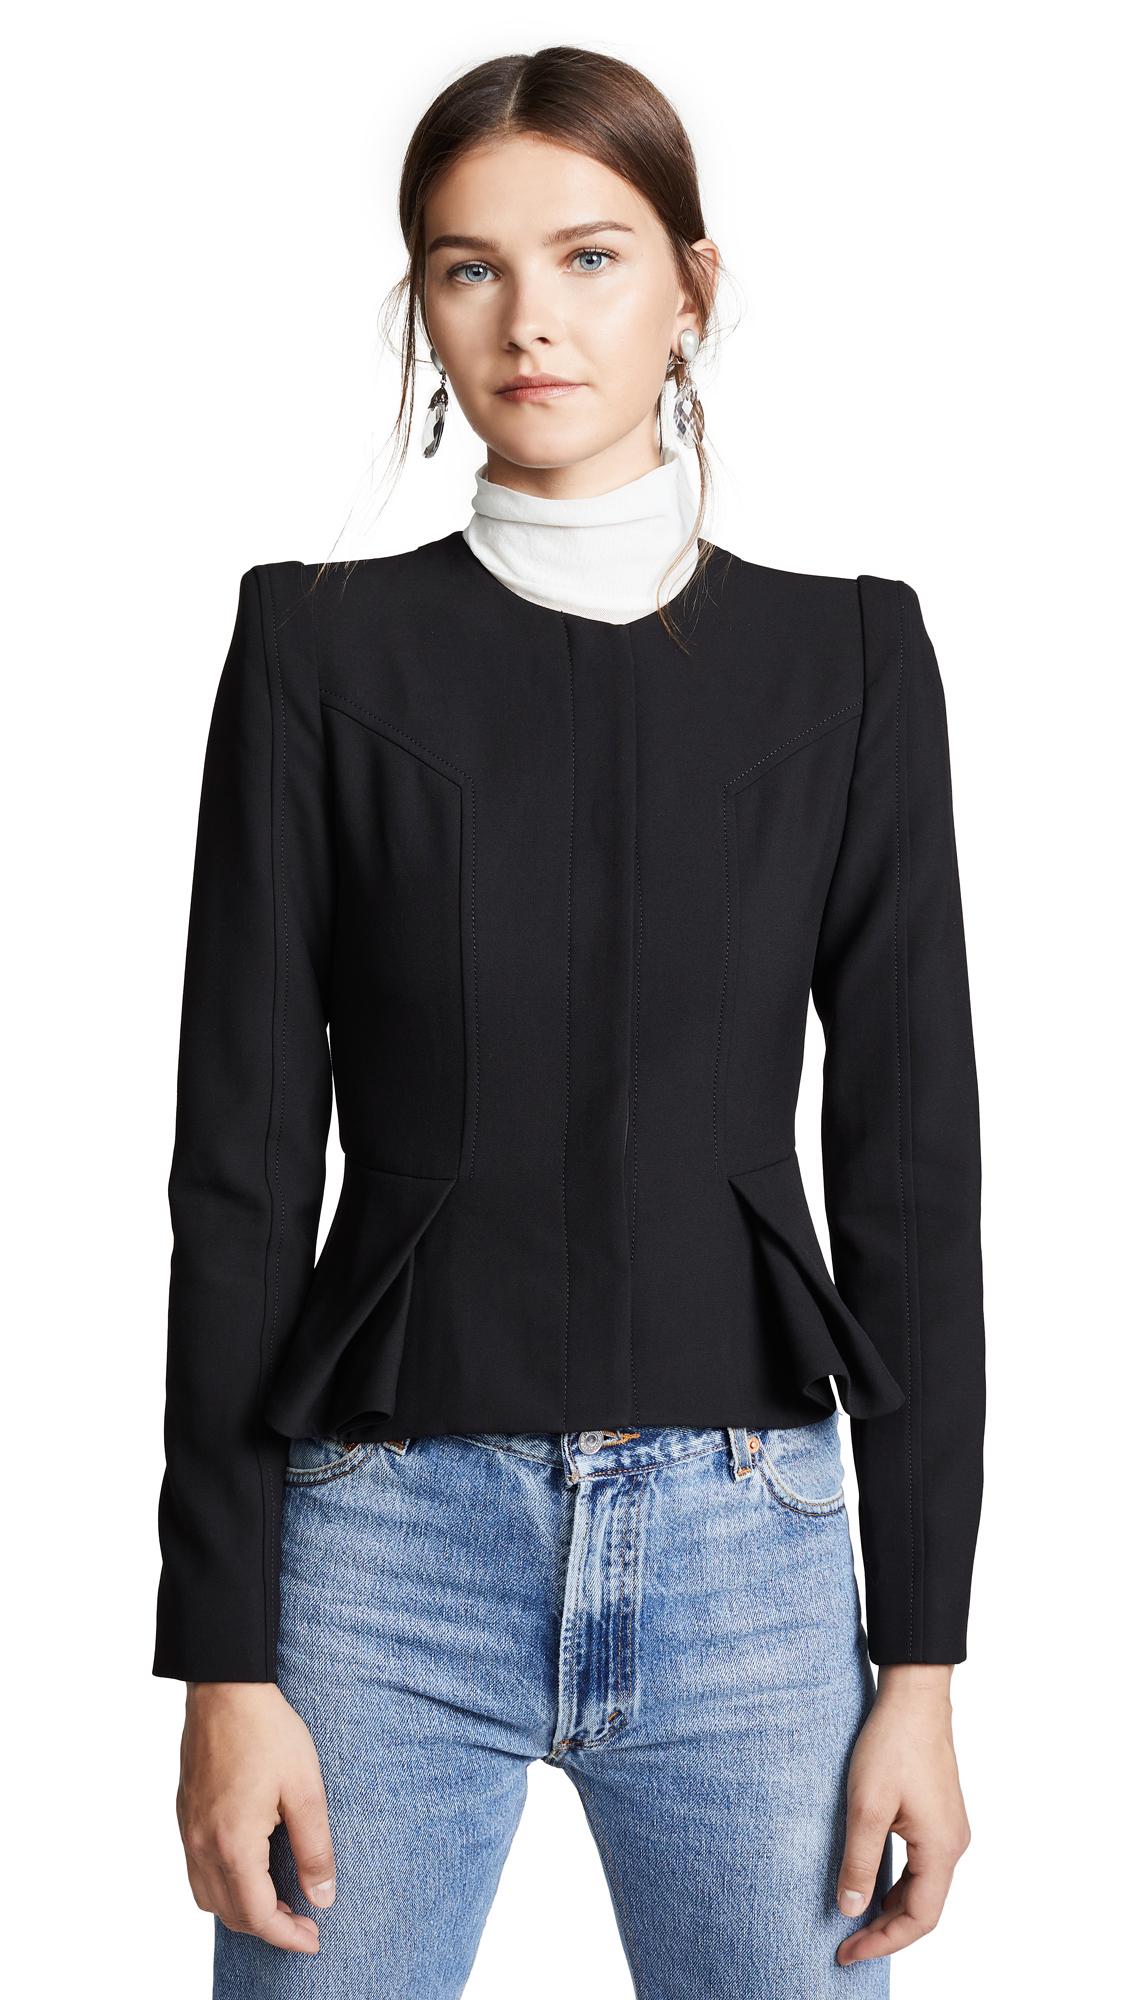 Valentina Shah Olivia Origami Blazer In Black